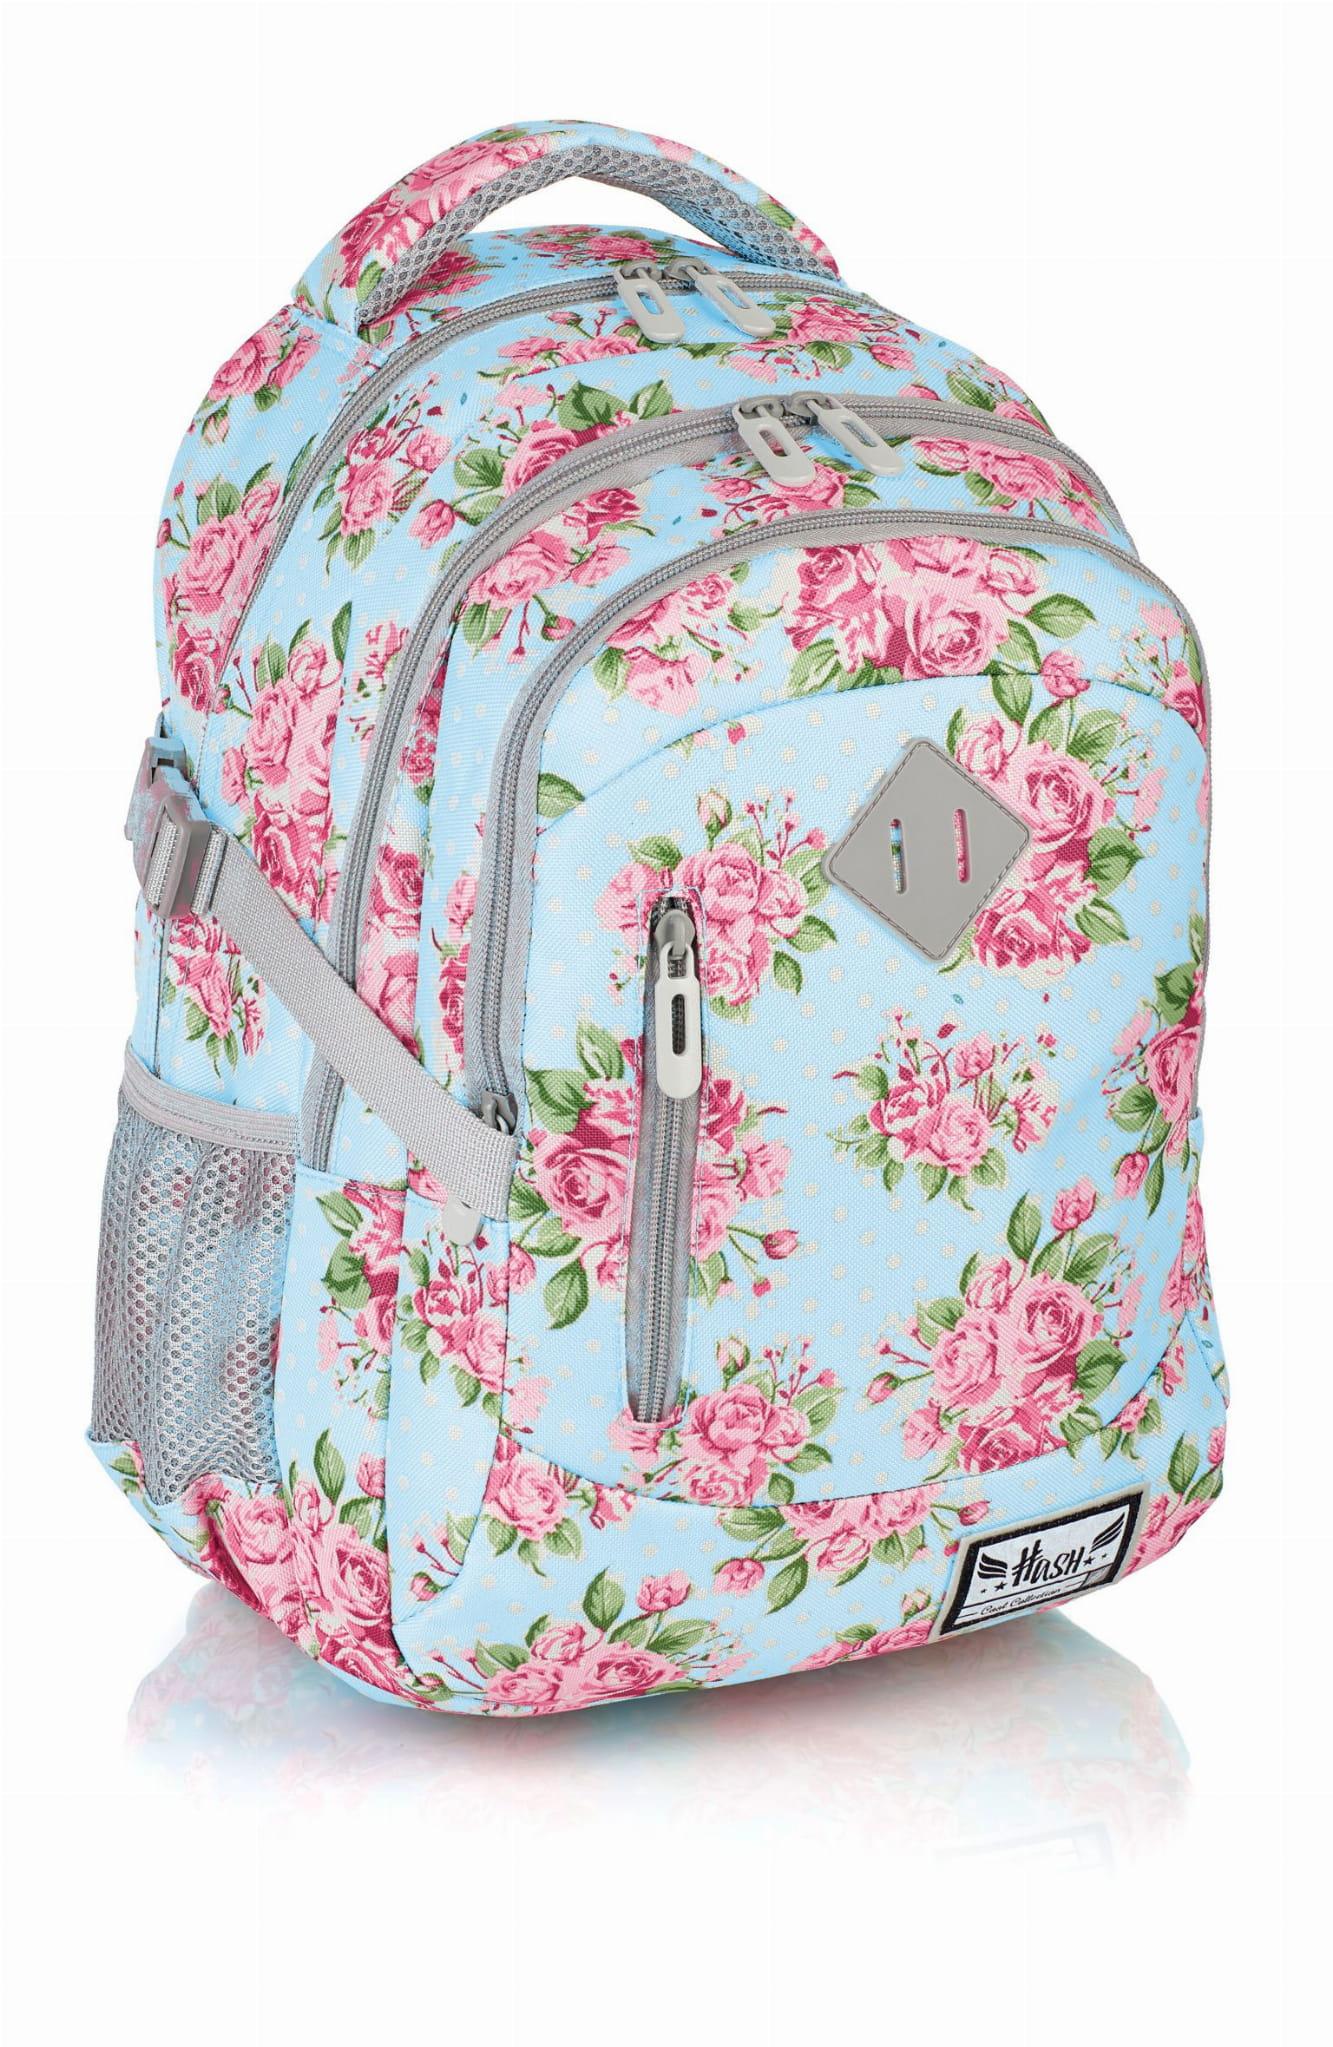 Plecaki dla pierwszoklasisty: wygodne, bezpieczne, ładne i